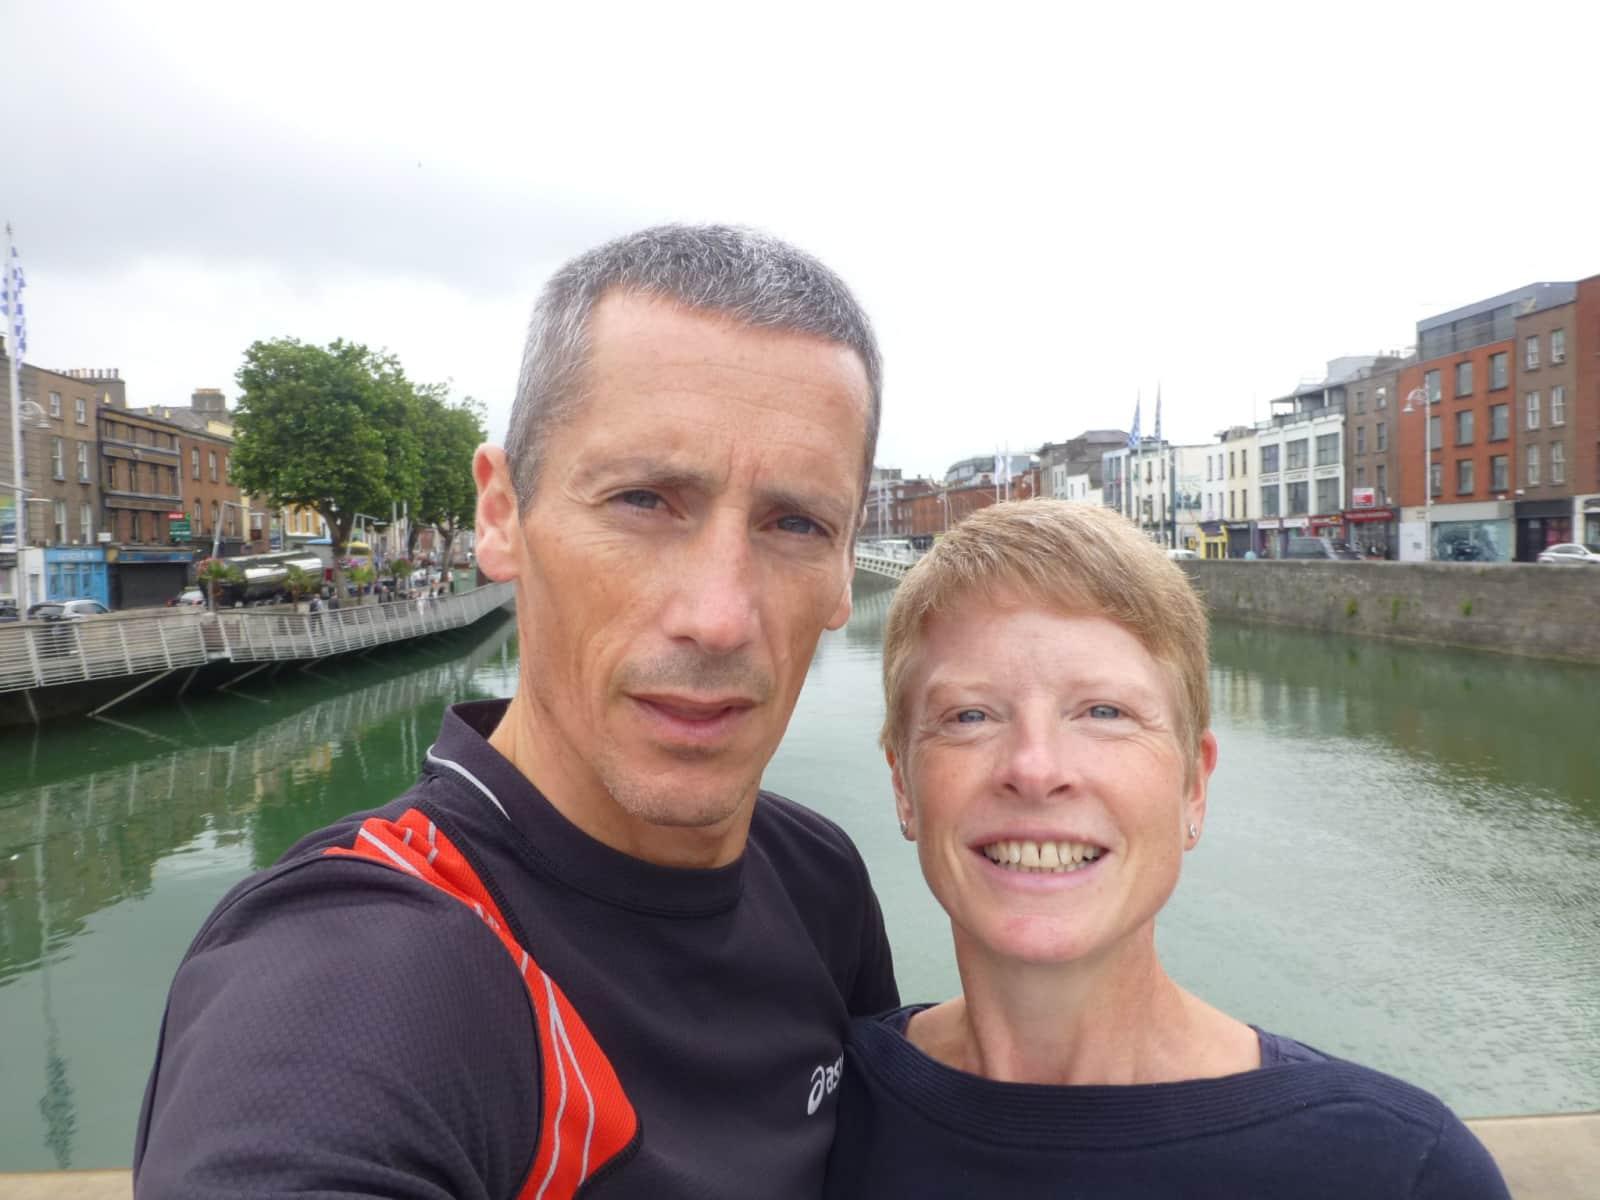 Andrea & Tony from Newcastle upon Tyne, United Kingdom